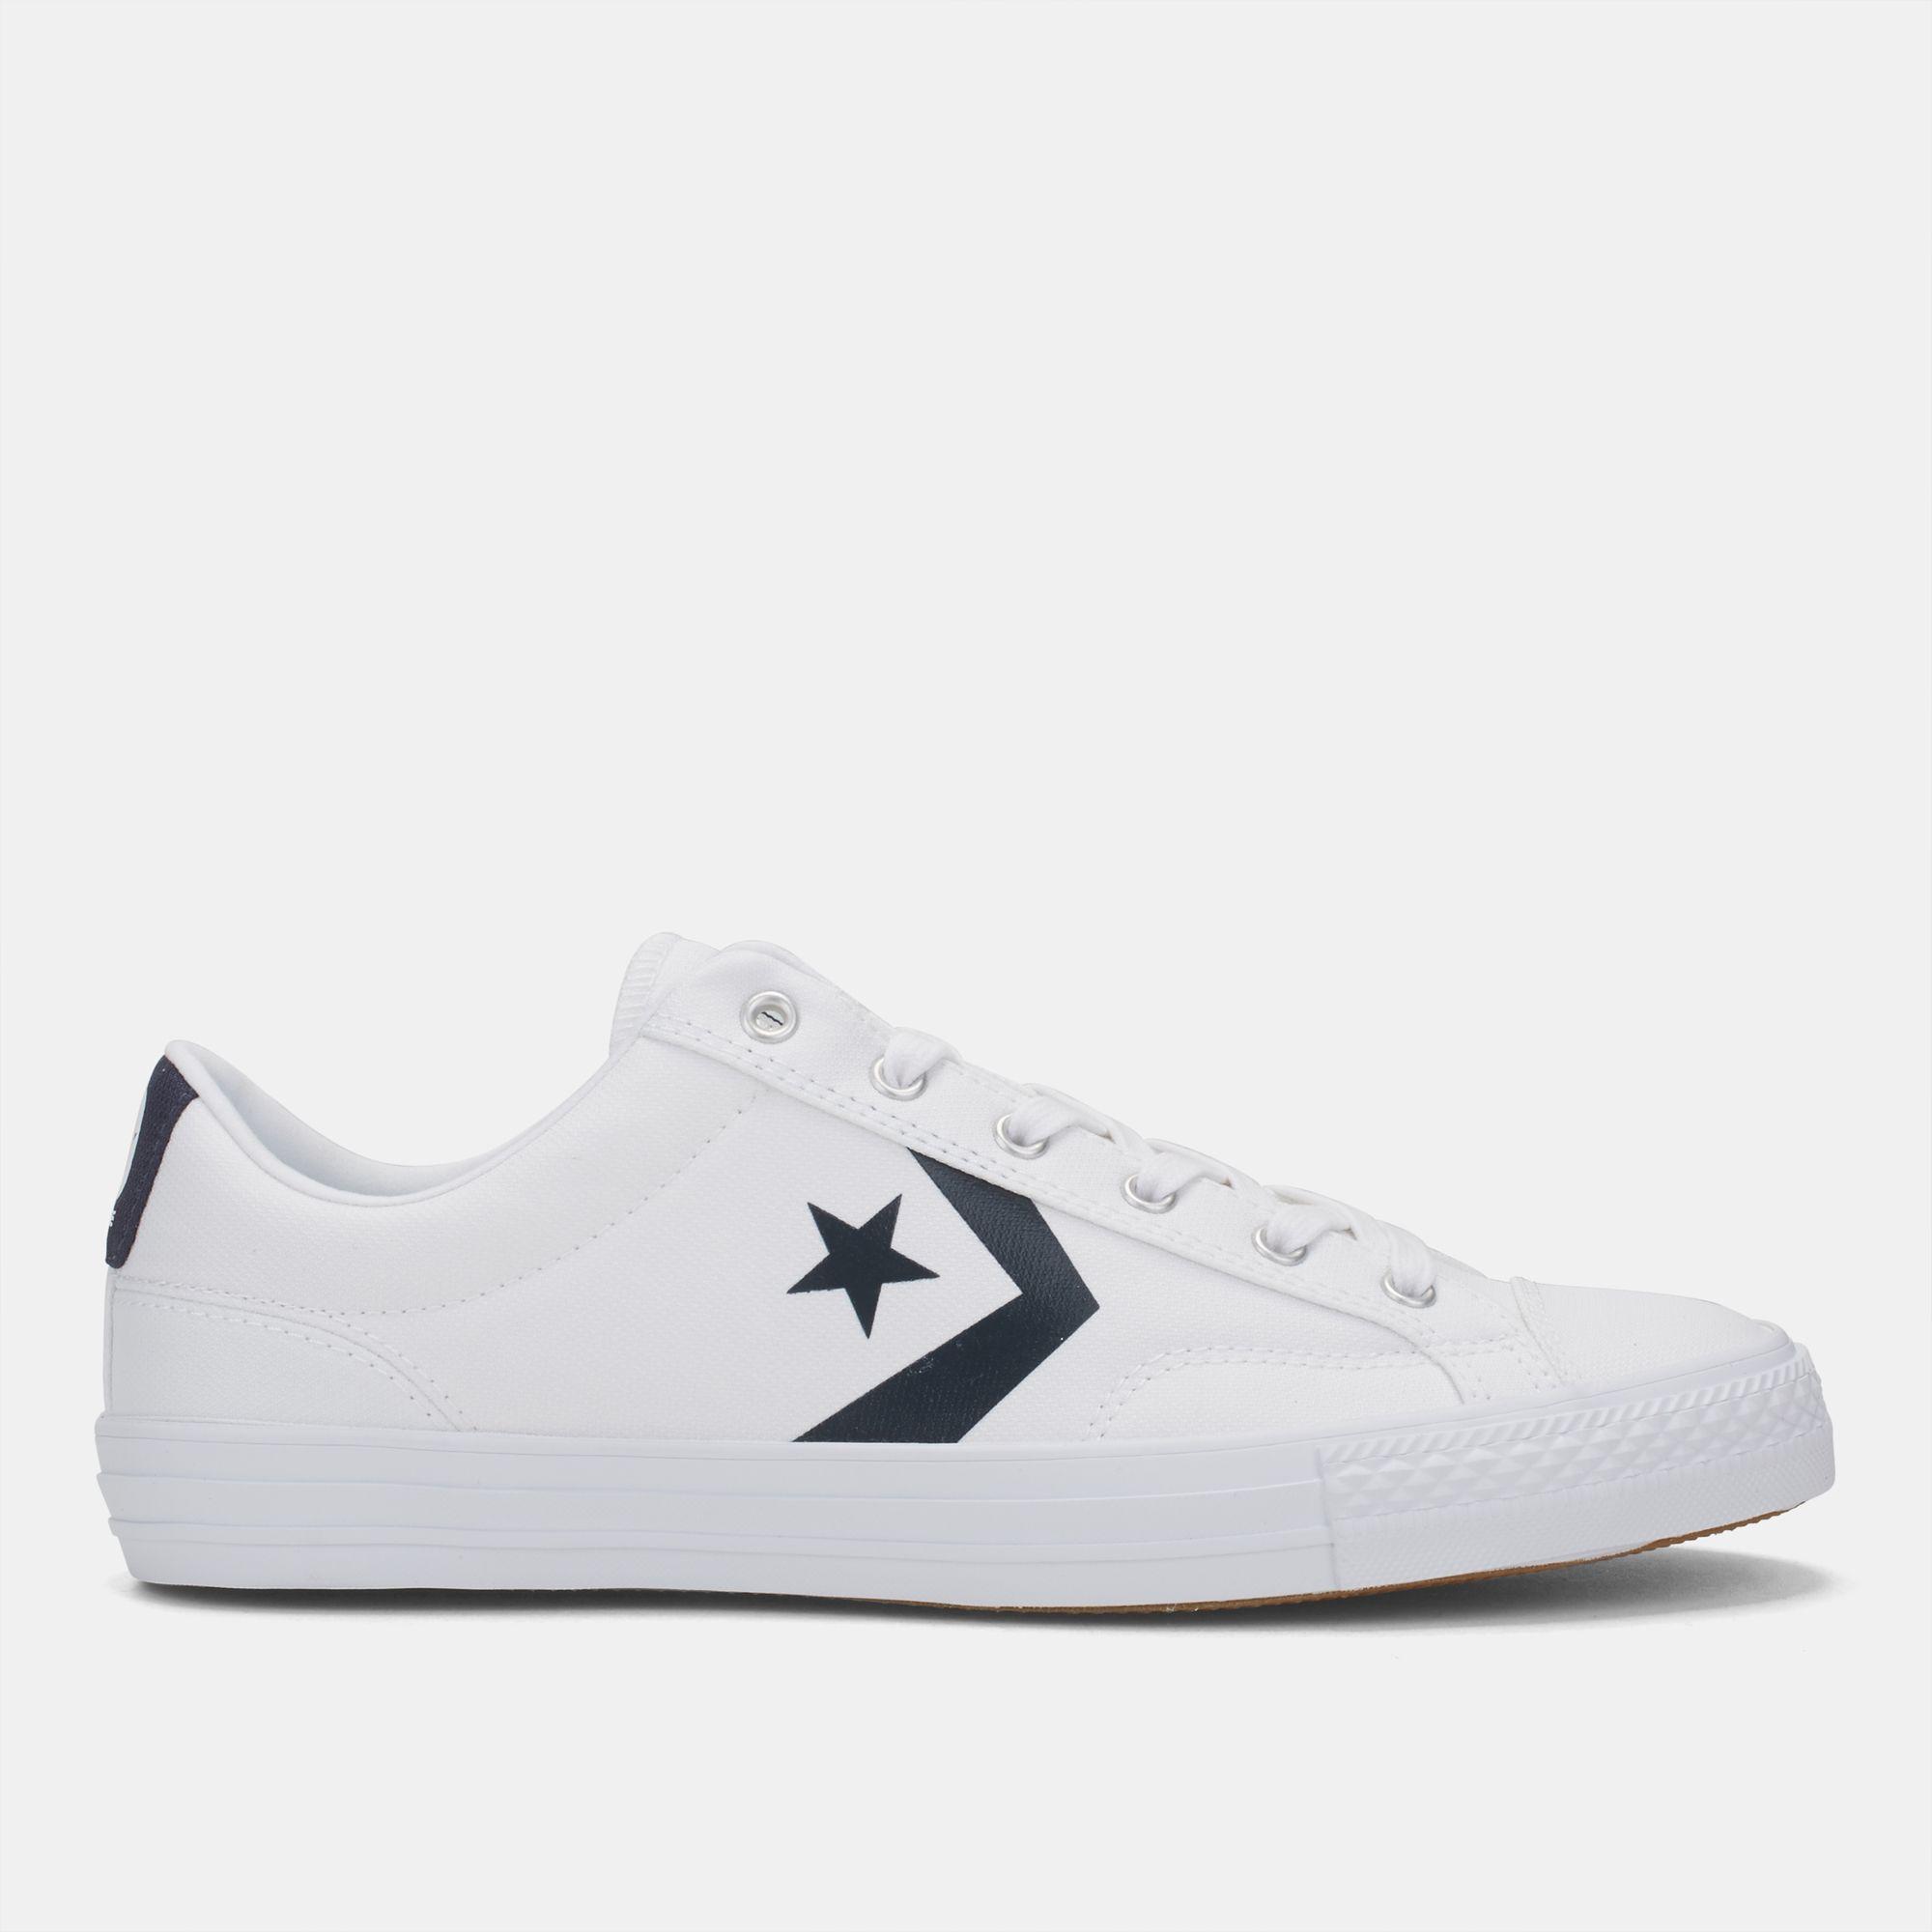 5eb98334b48e ... white canvas 08765 e851c  promo code for converse classic chuck taylor star  player shoe 1dd99 4070b